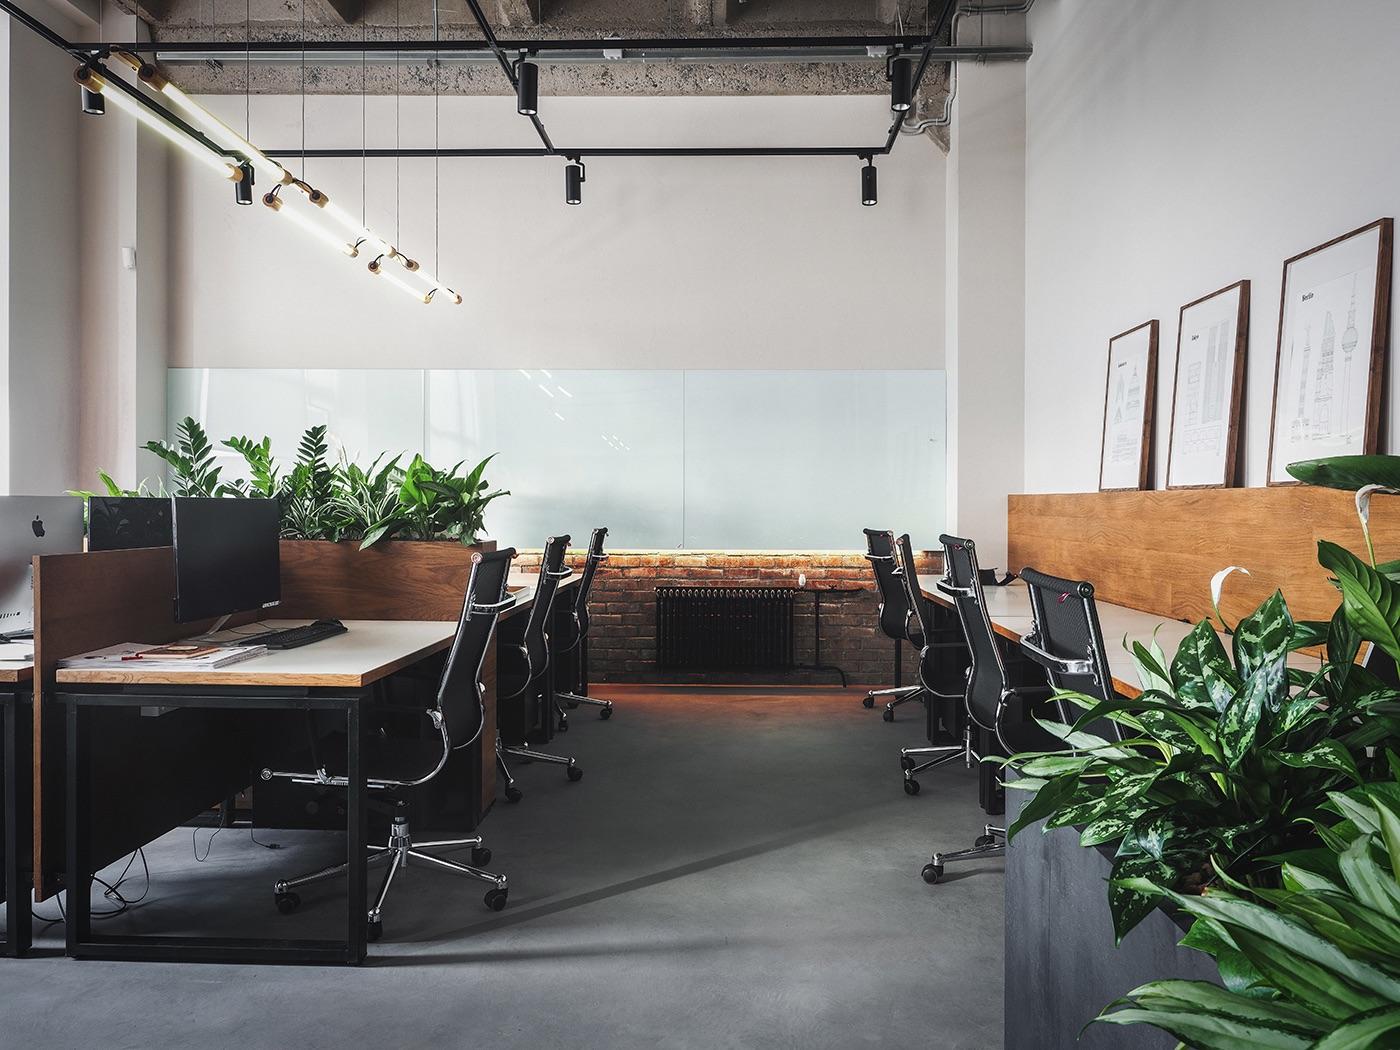 petshop-saint-pettesburg-office-15